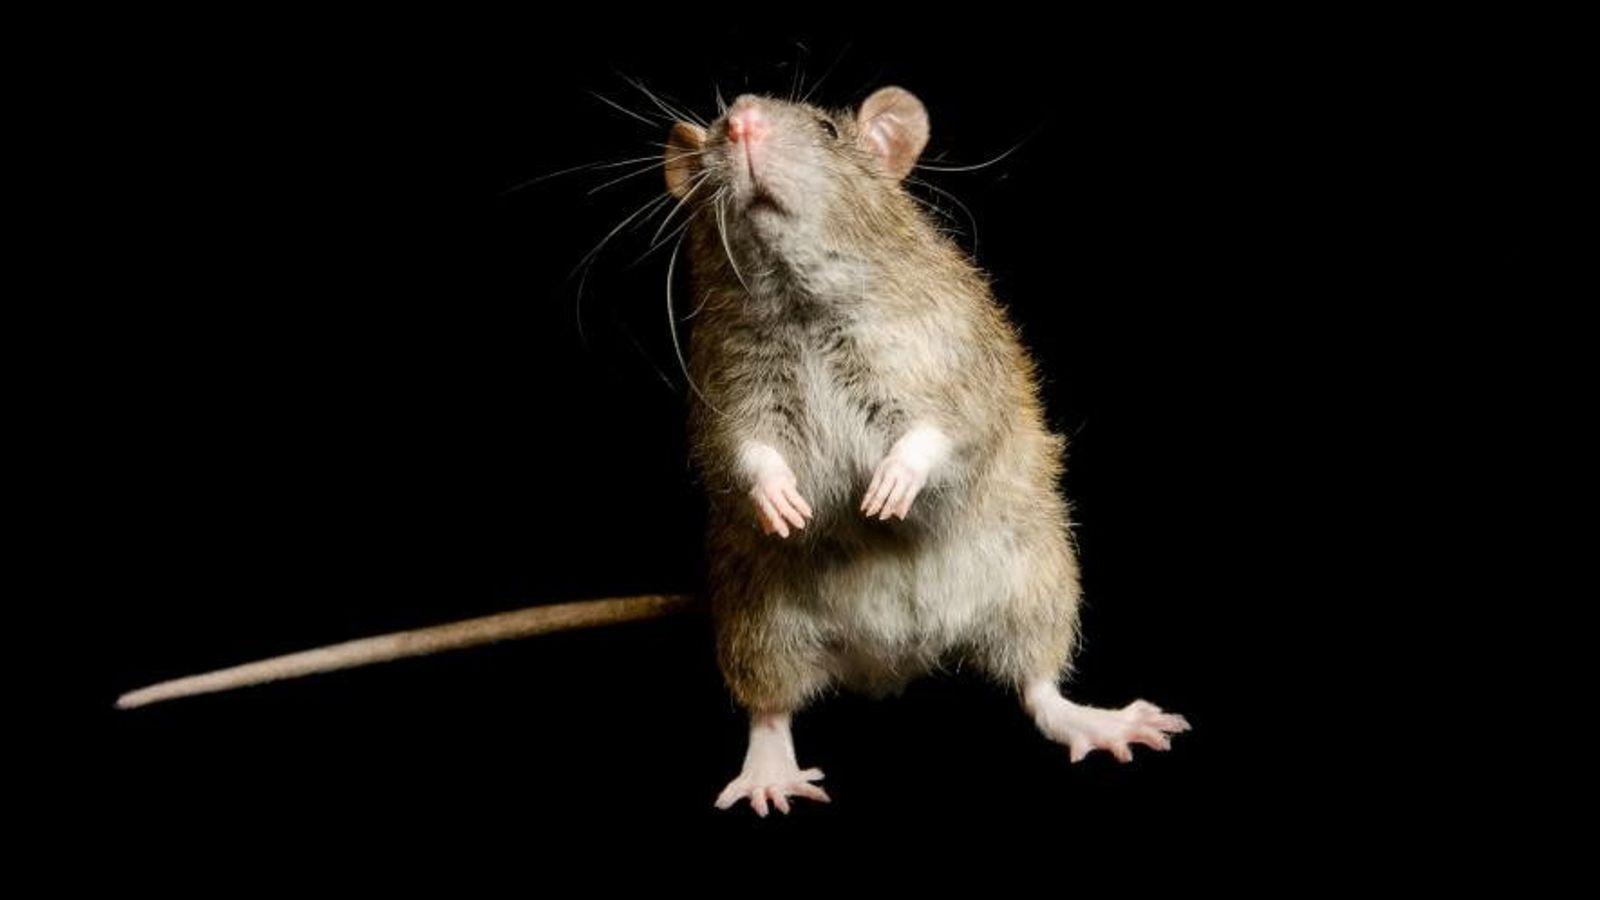 Un rat des champs (Rattus rattus) photographié au centre de recherche George M. Sutton Avian.